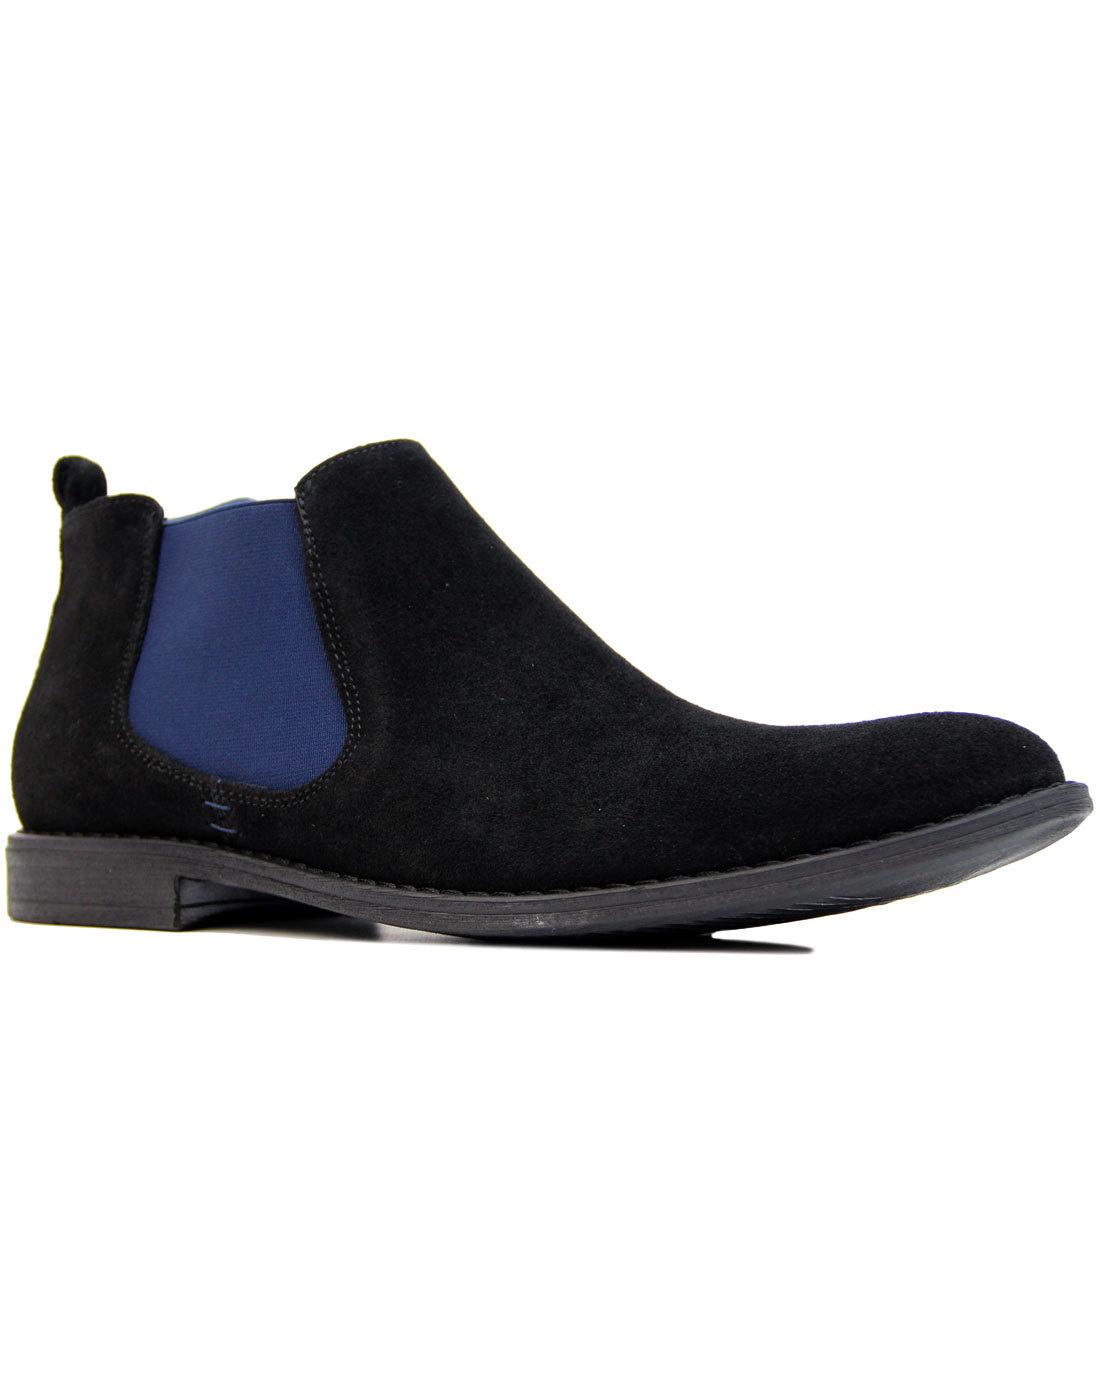 LACUZZO Mod Suede Desert Chelsea Boots BLACK/BLUE